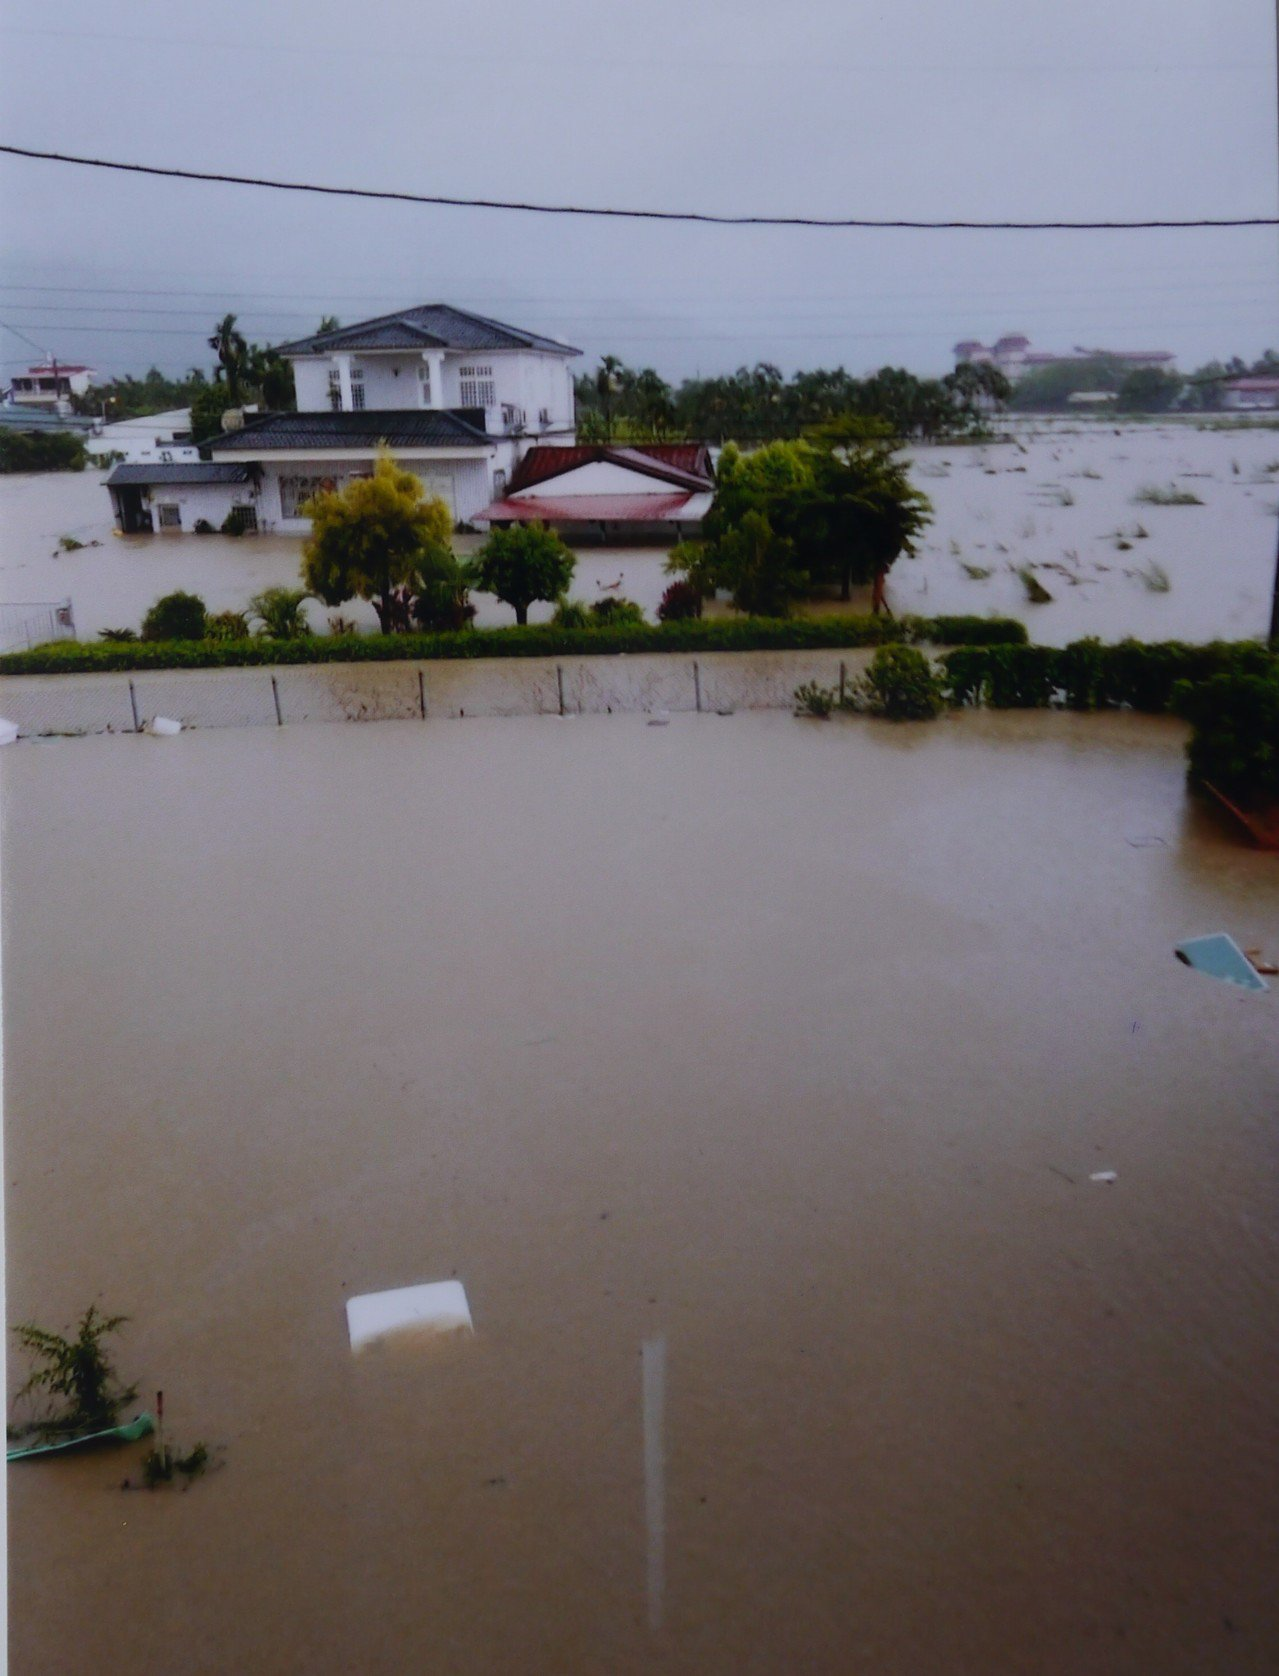 去年823水災,「醮廠下」聚落一片汪洋。記者徐白櫻/翻攝